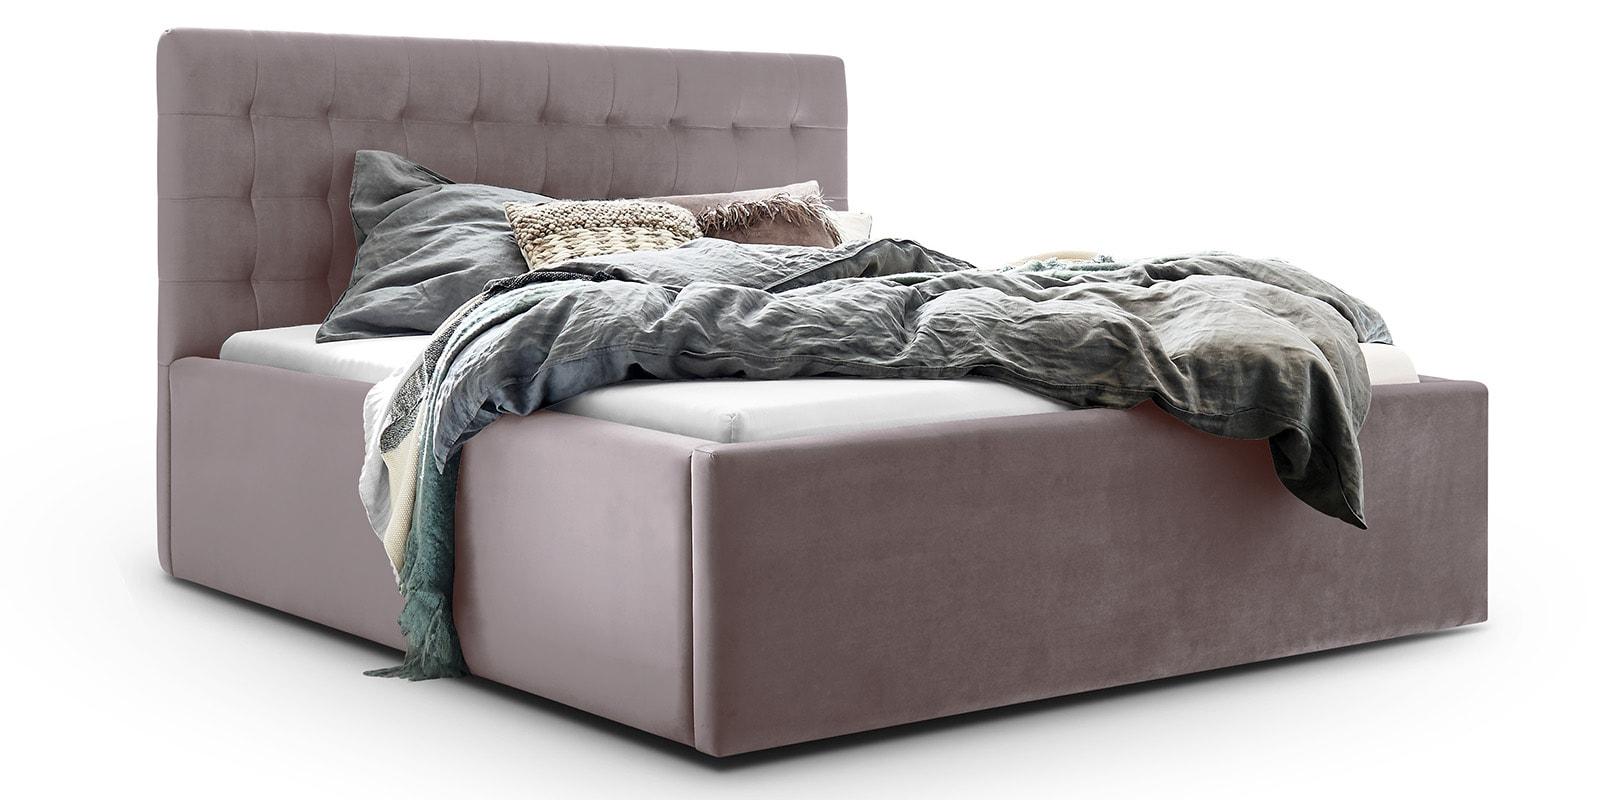 Moebella24 - Bett - mit - Bettkasten - Molly - Samt - Mint - Stauraum - Bettkasten - und - Lattenrost - vormontiert - verstärkte - Dämpfer - Detailaufnahme - Von - vorne - links